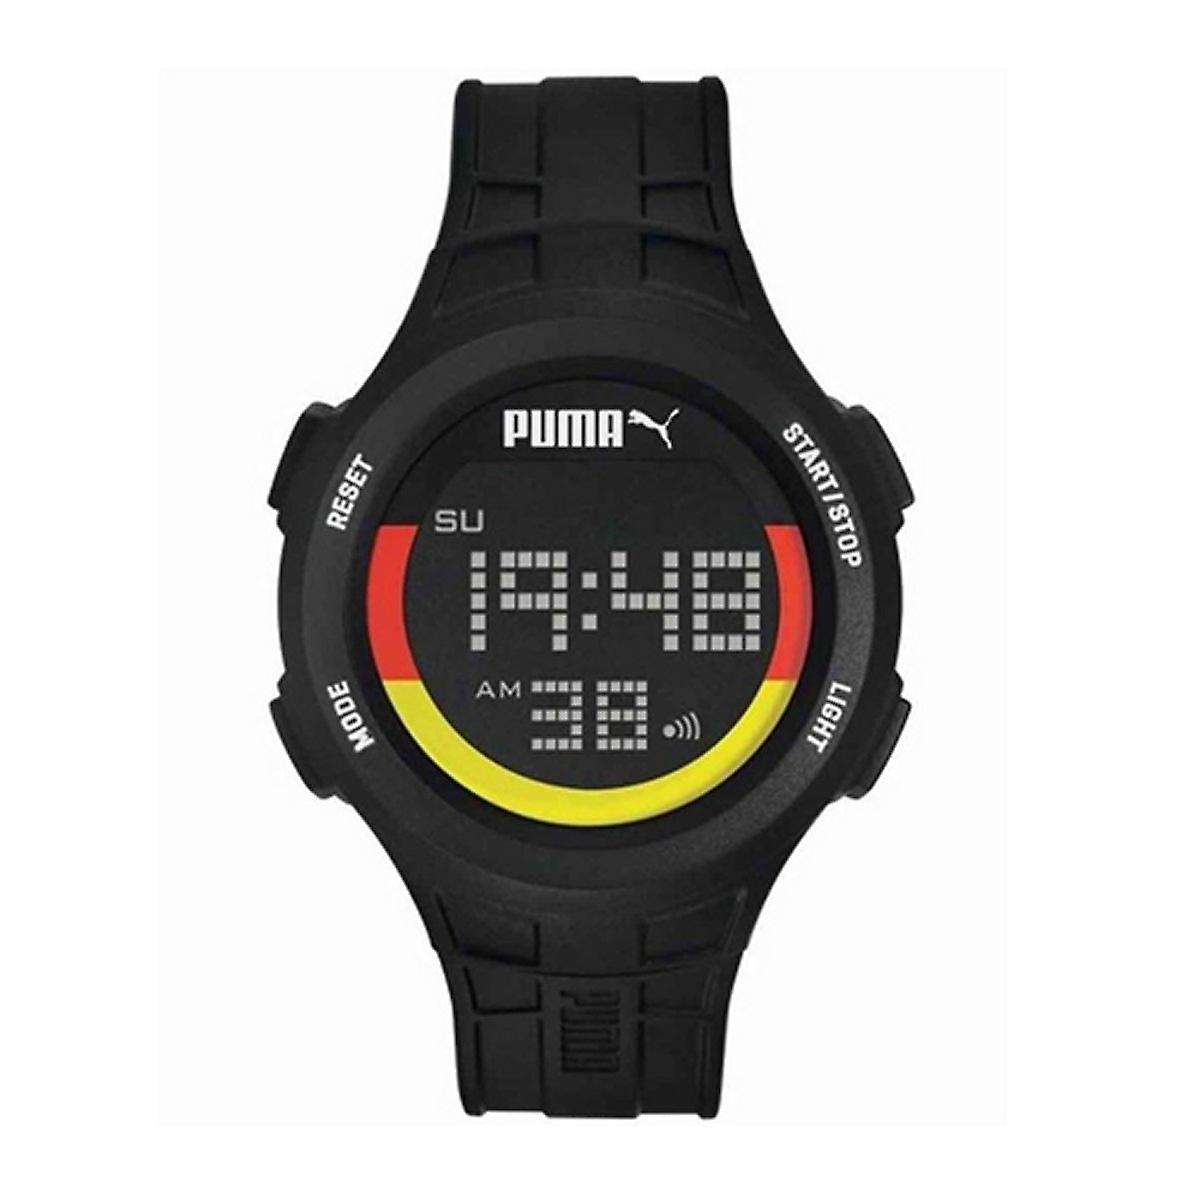 reputable site a427e 44550 プーマ時計腕時計メンズ ブラック デジタル PU911301012 の手首